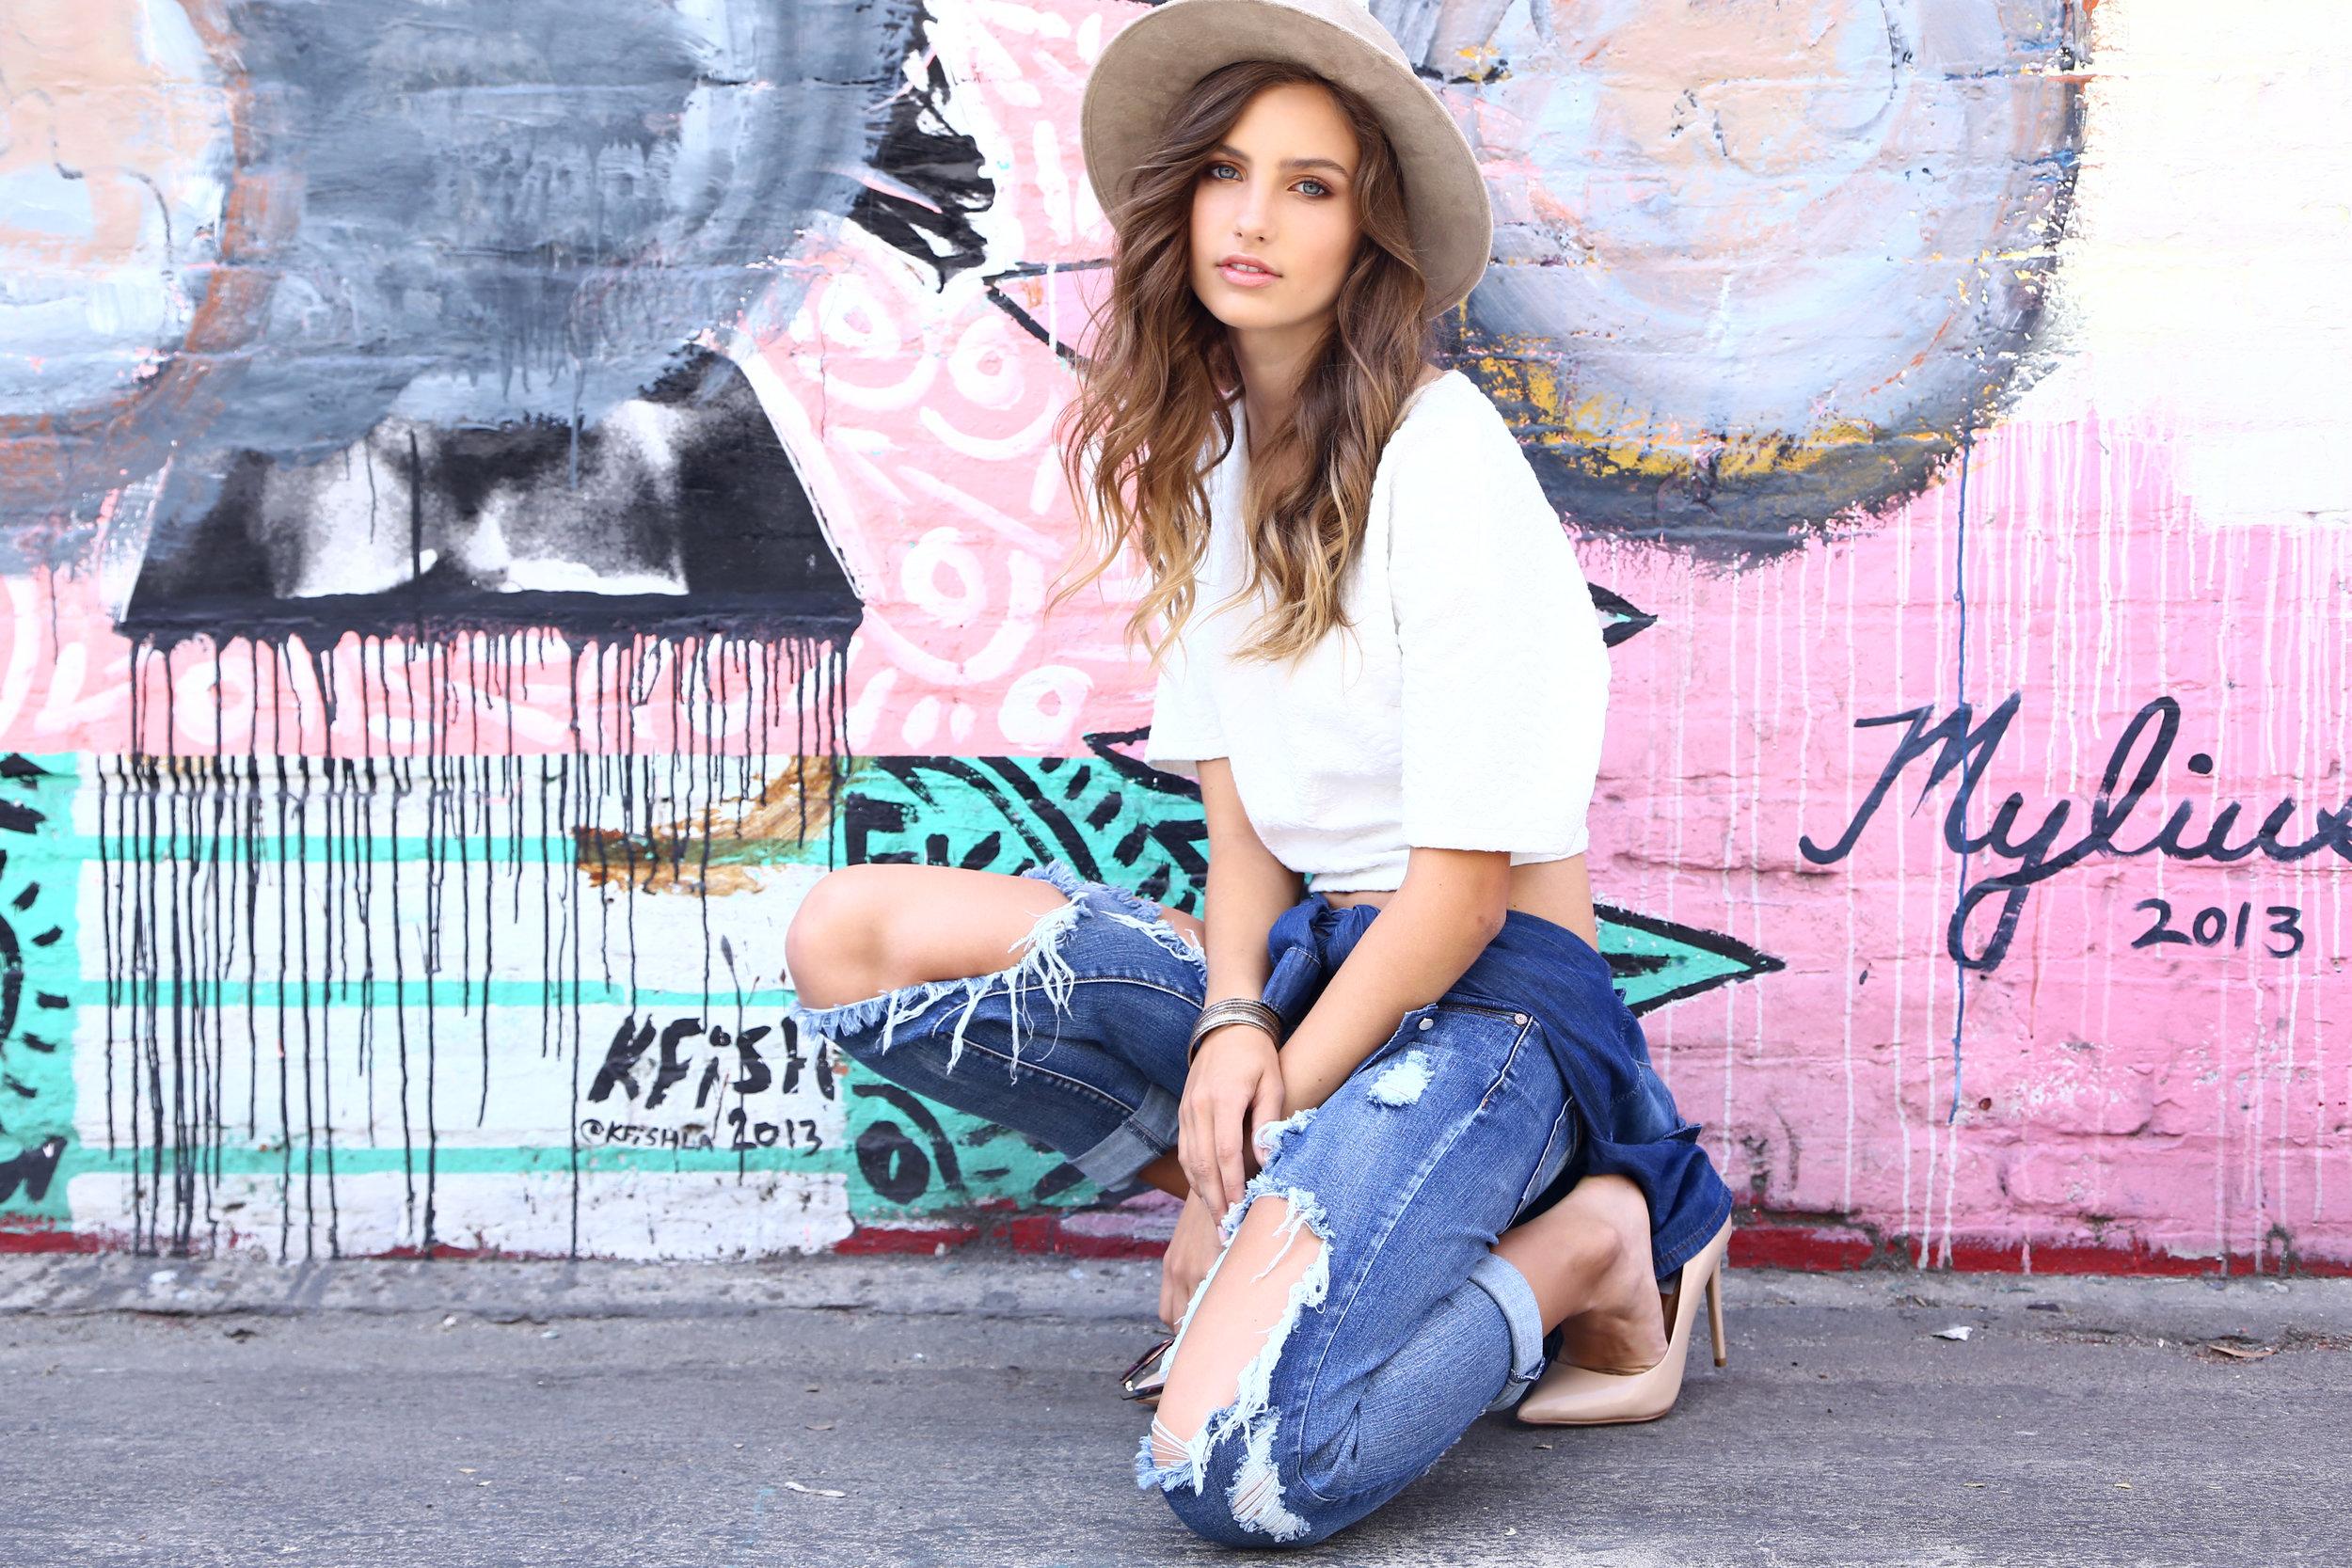 Caitlin-@shotbyana-5.jpg